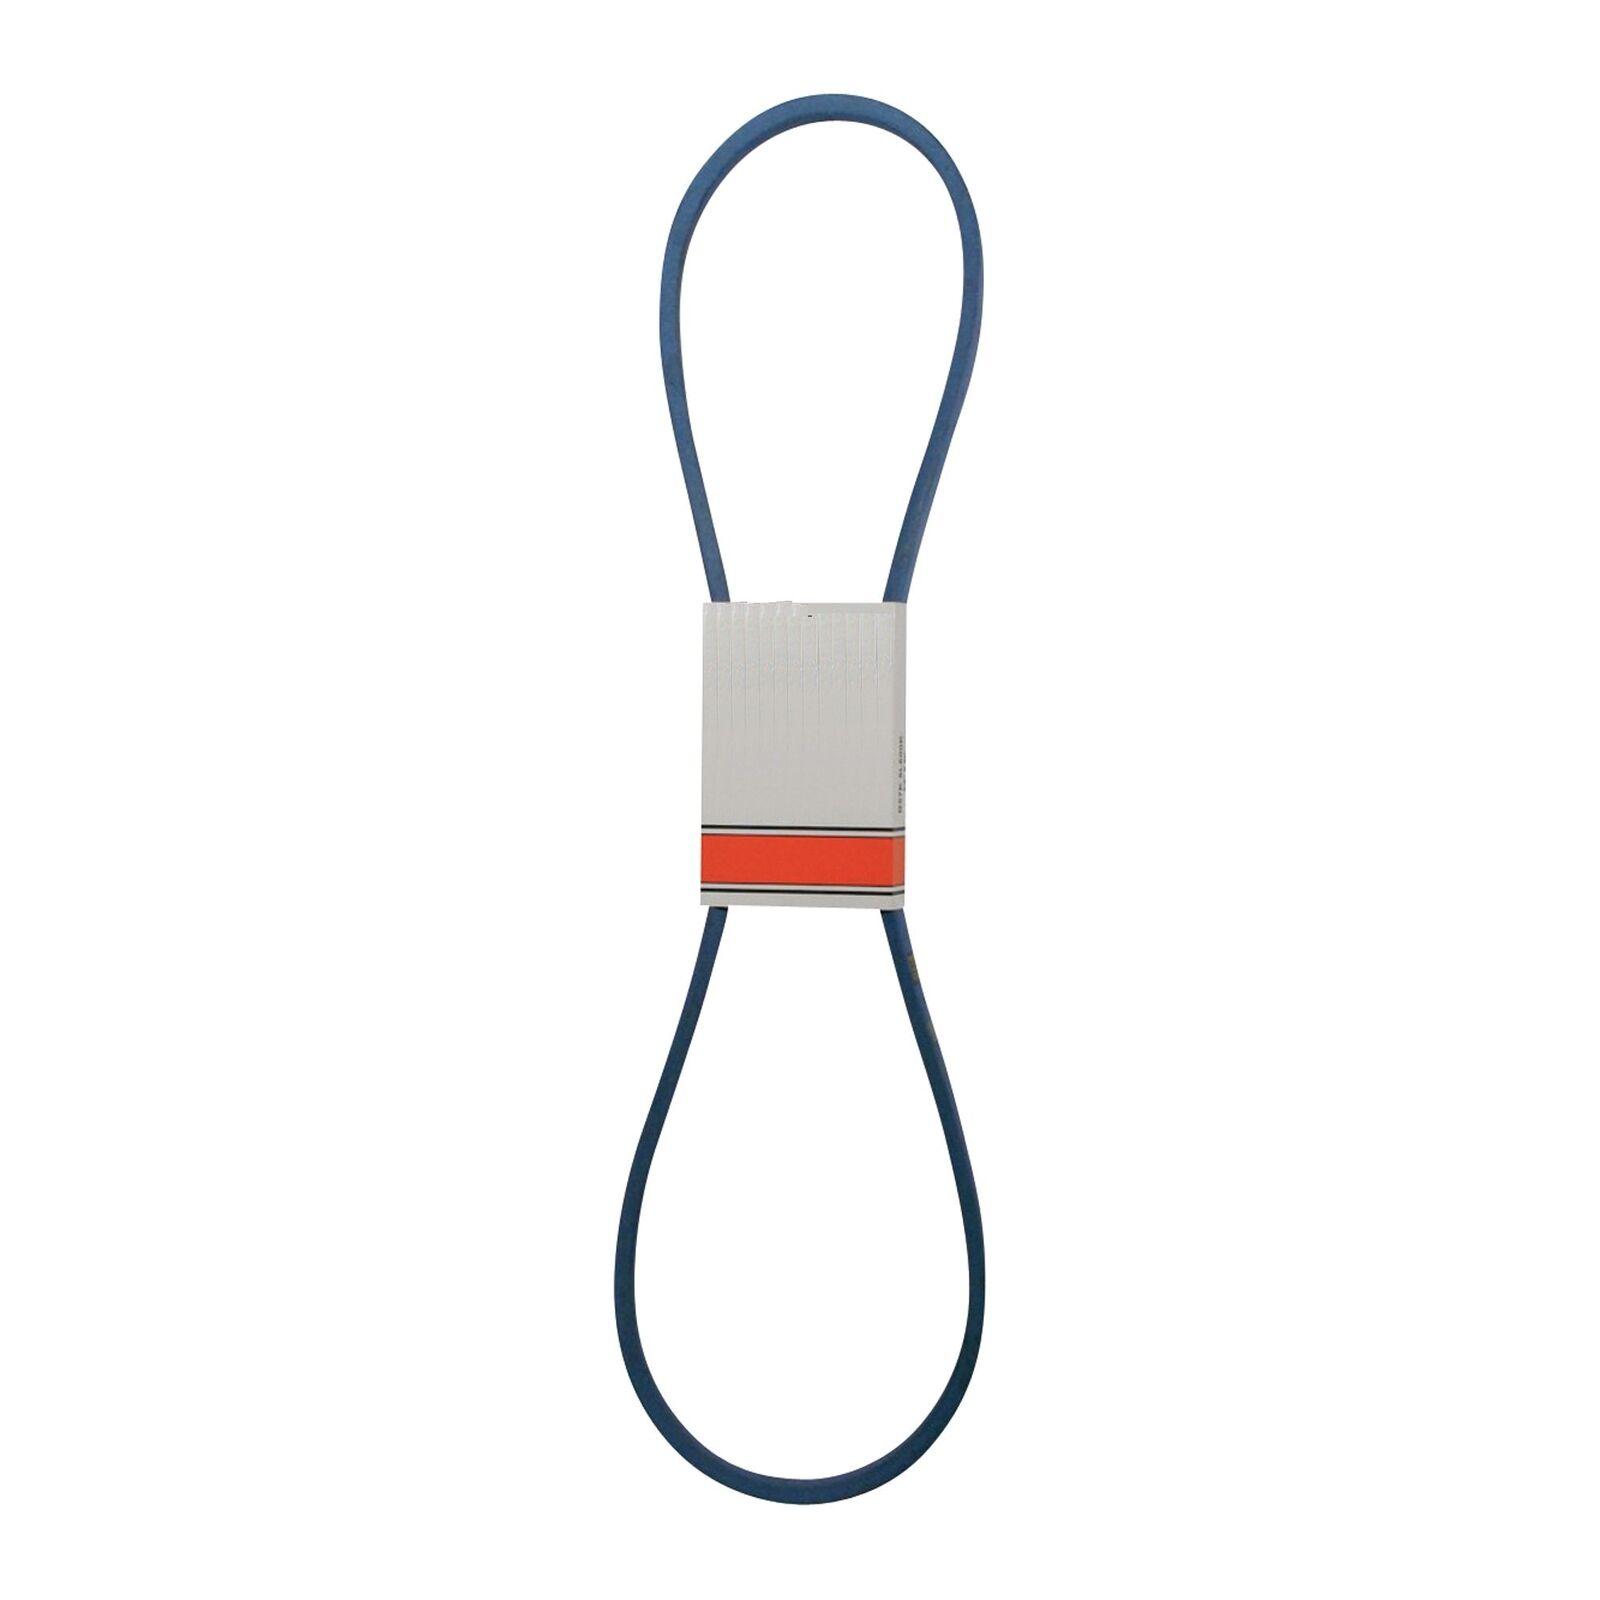 Cinturón de reemplazo de artesano de 199612-MXV4-970